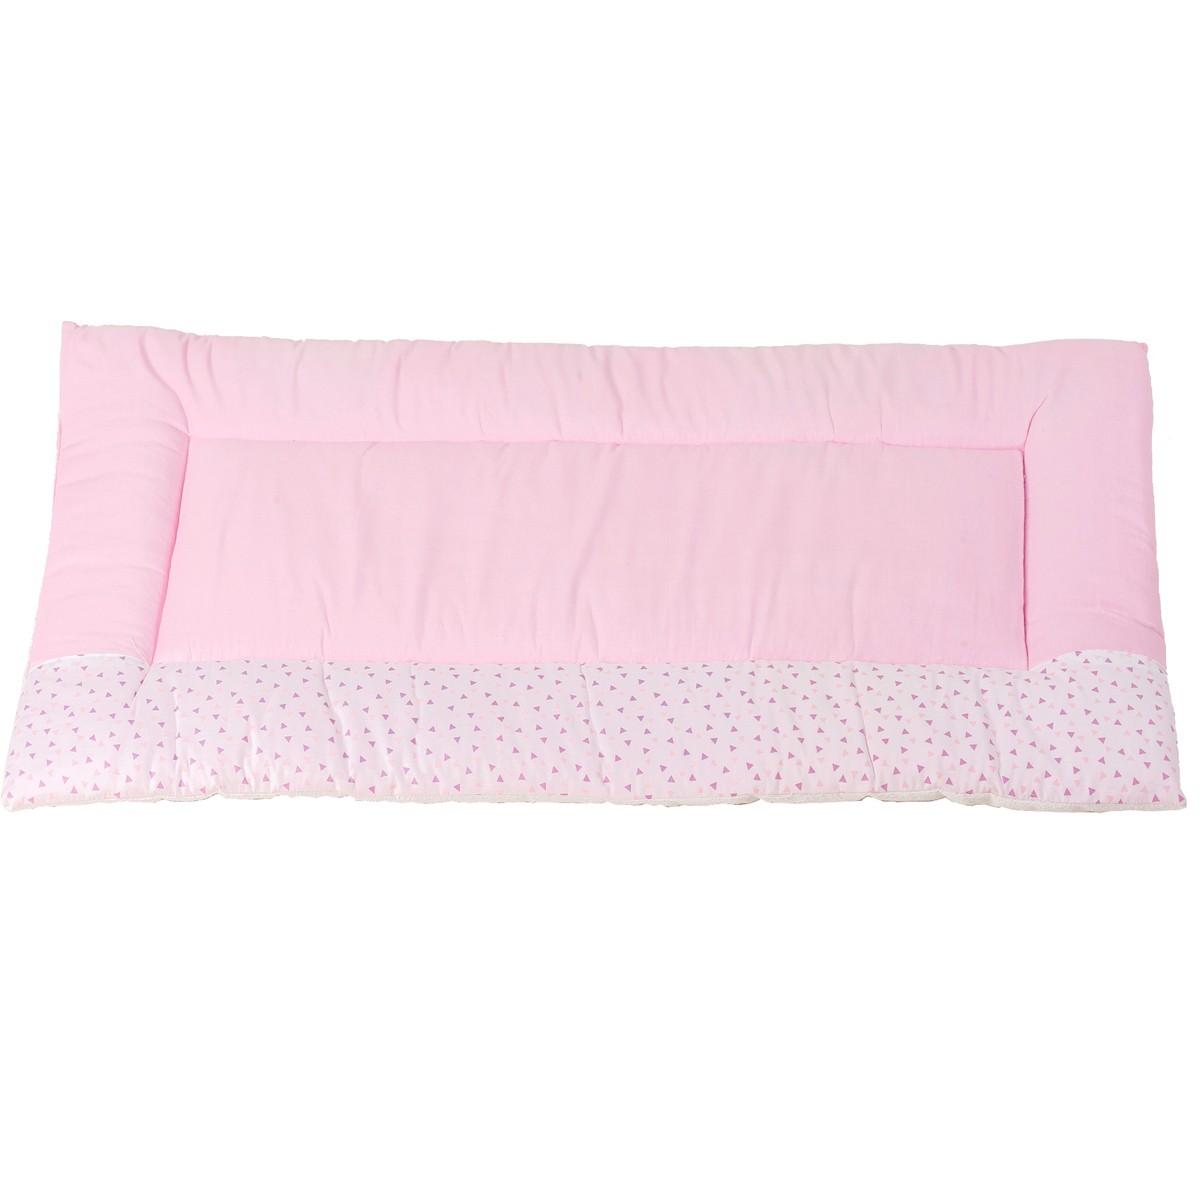 Κάλυμμα Αλλαξιέρας Κόσμος Του Μωρού Home 0796 Ροζ